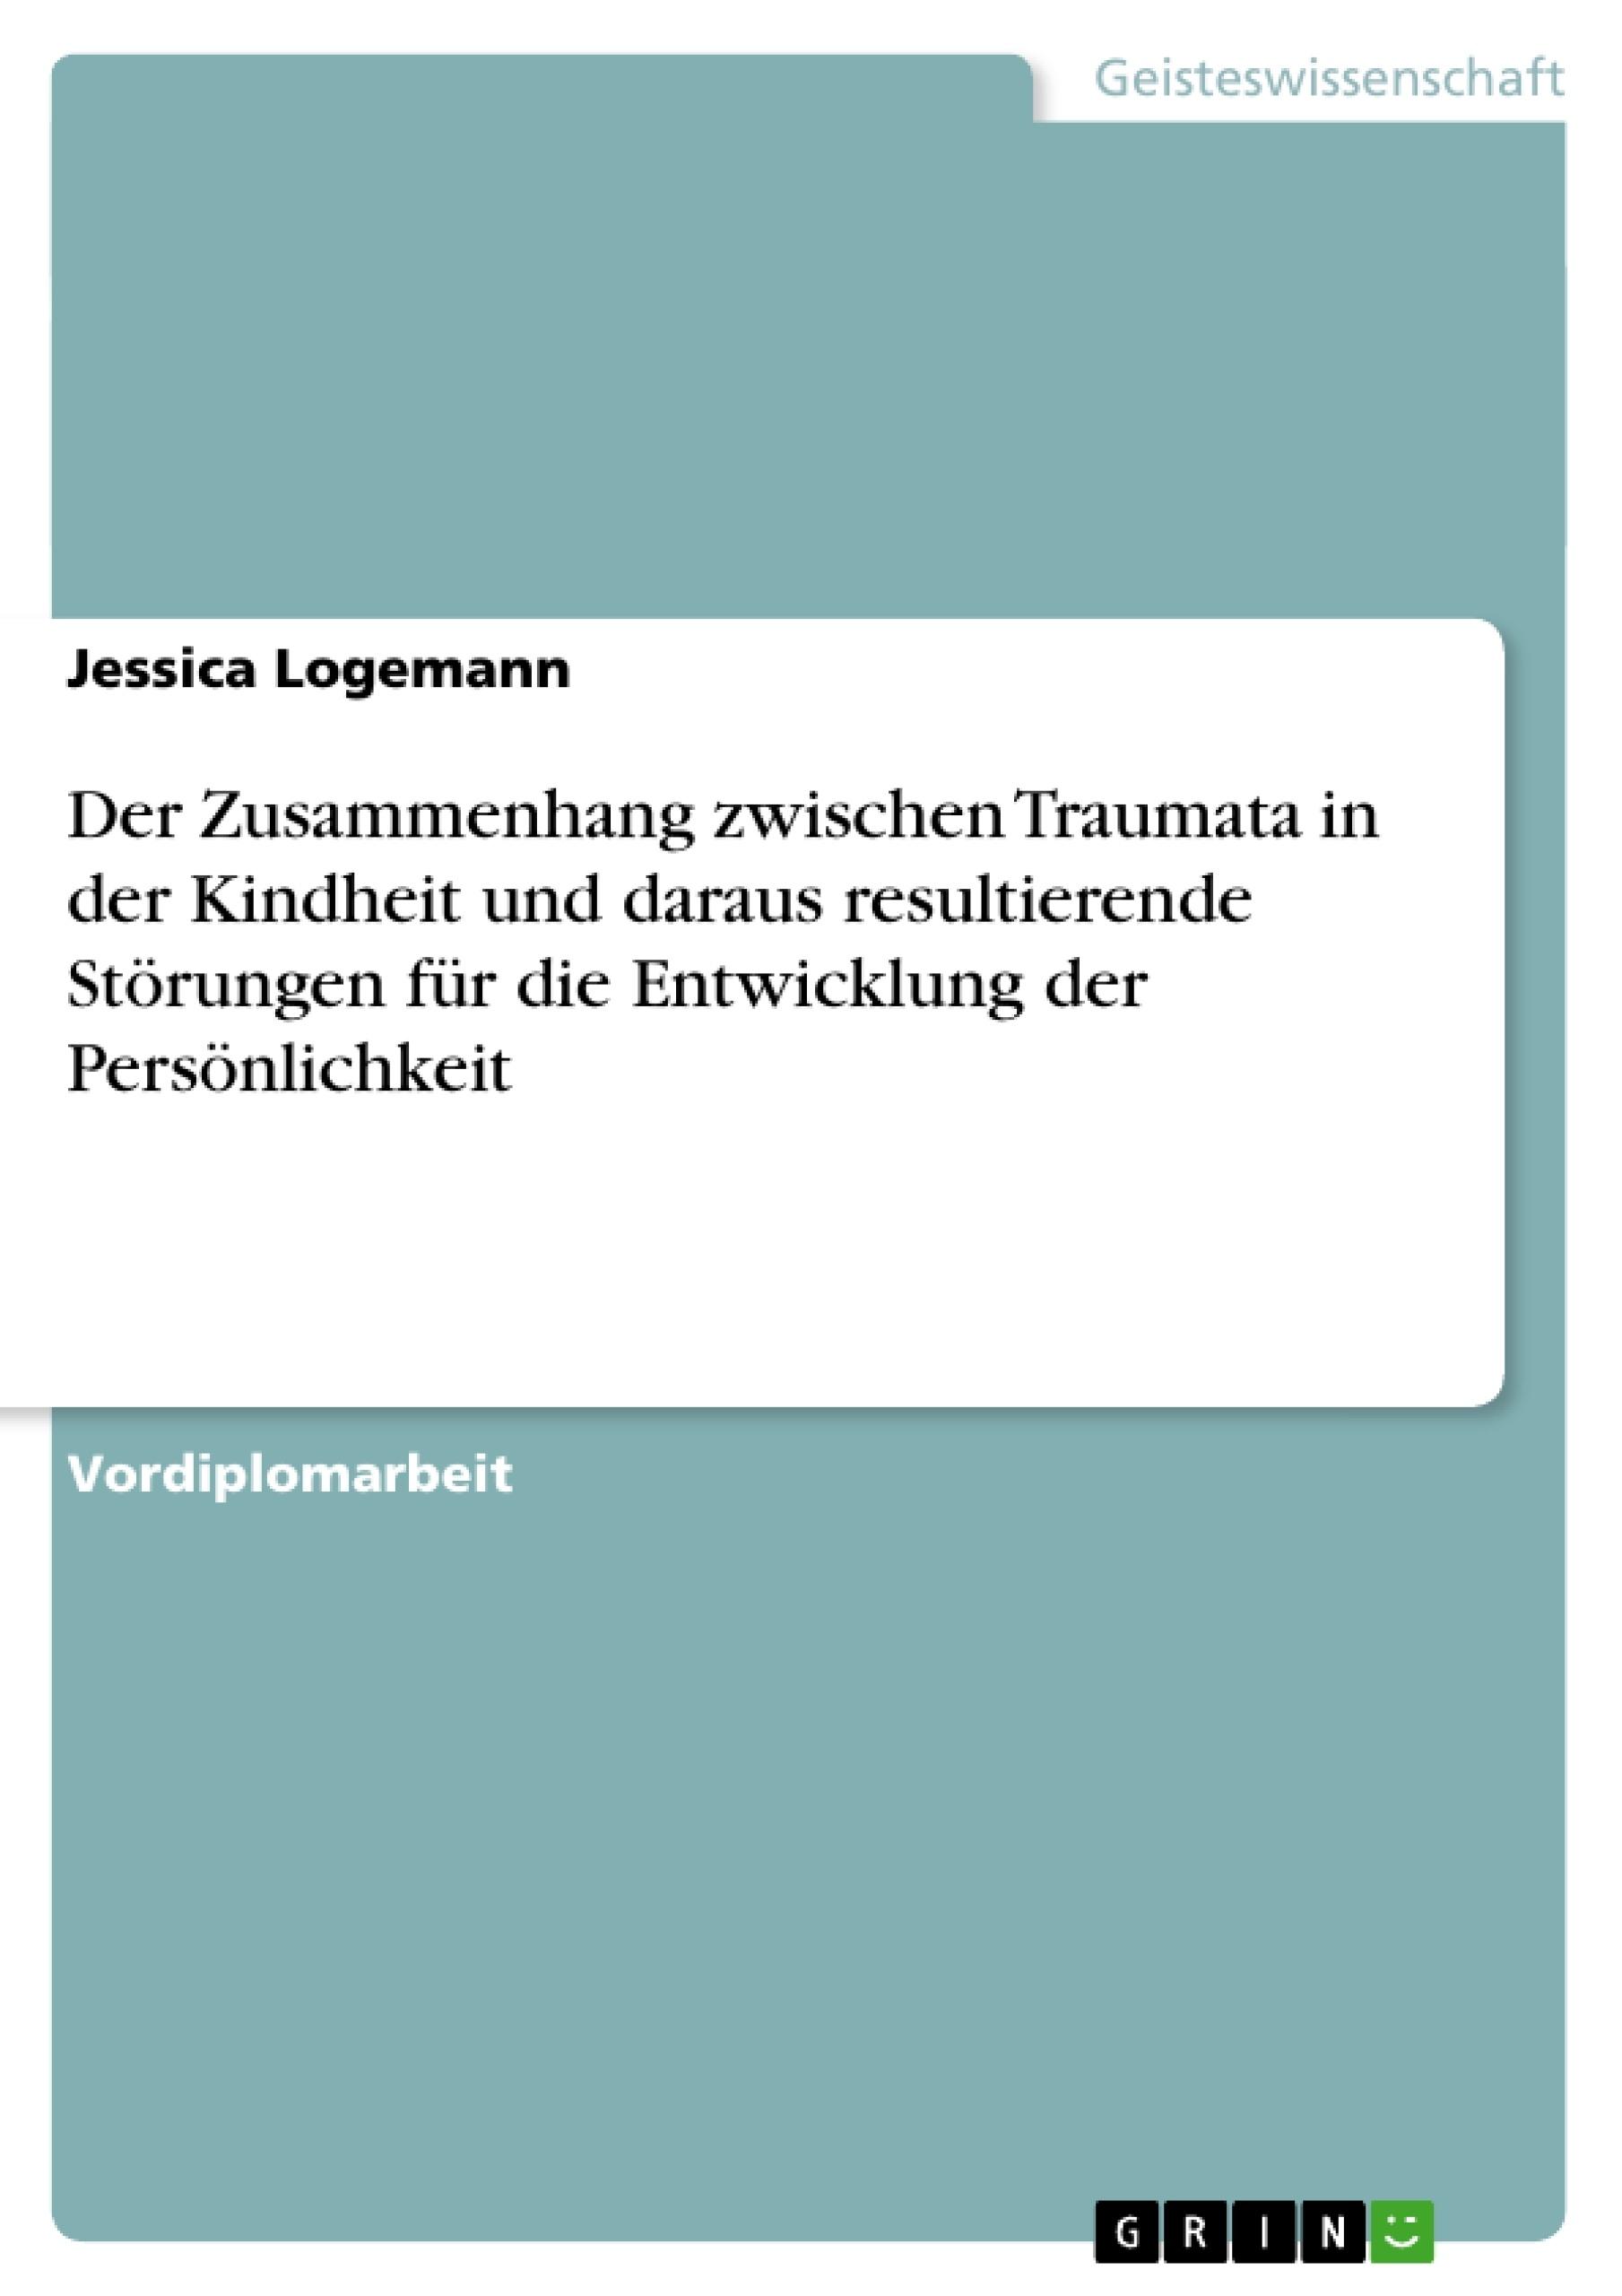 Titel: Der Zusammenhang zwischen Traumata in der Kindheit und daraus resultierende Störungen für die Entwicklung der Persönlichkeit